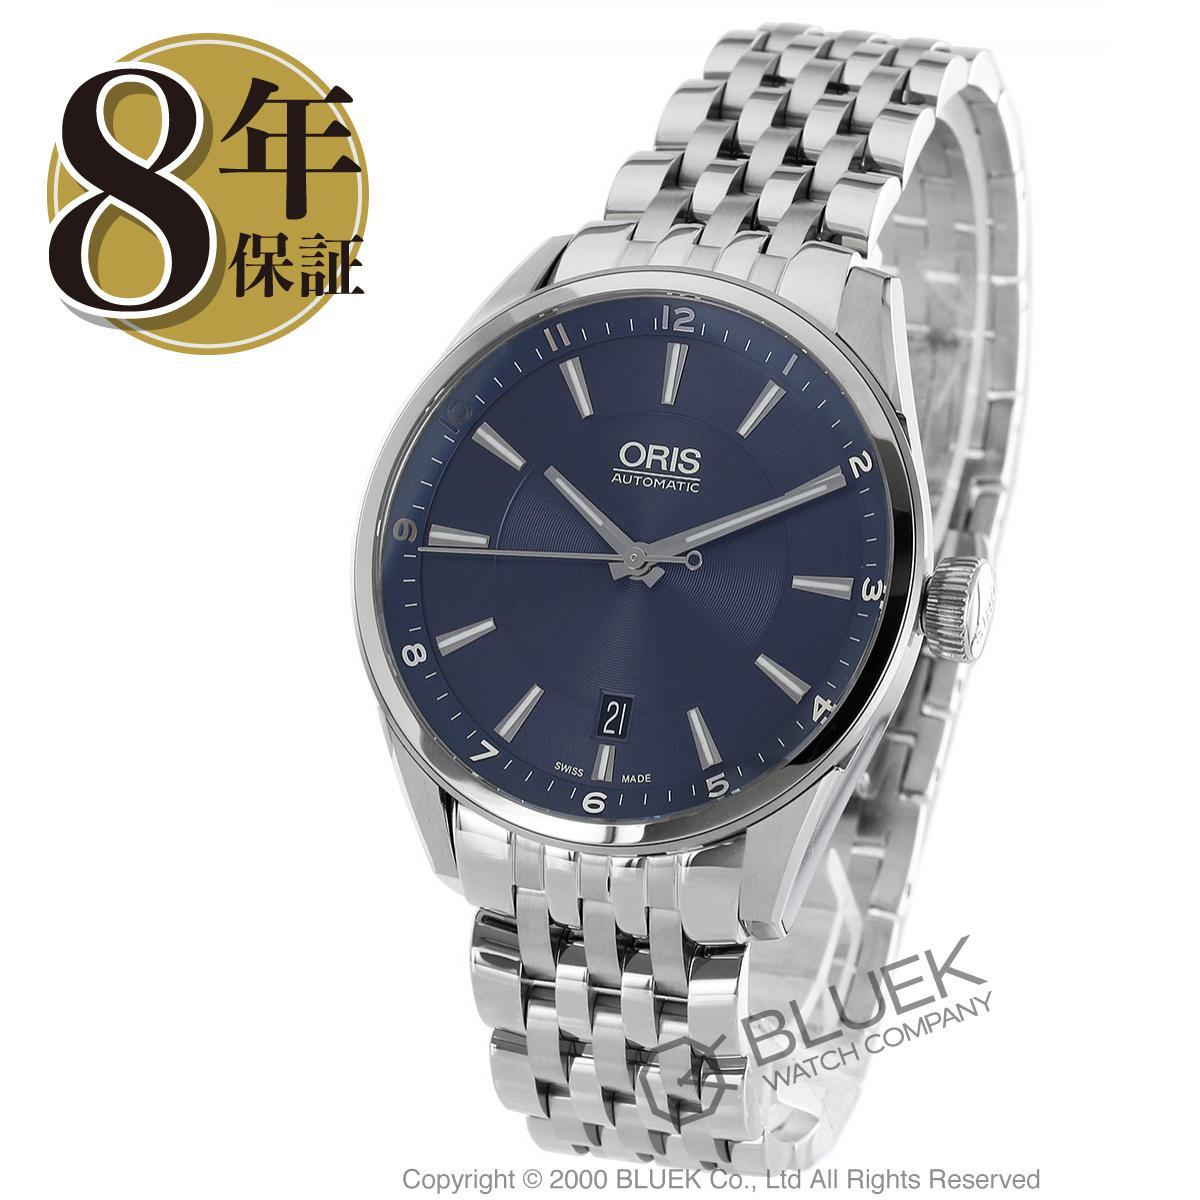 【1,000円OFFクーポン対象】オリス アーティックス デイト 腕時計 メンズ ORIS 733 7713 4035M_8